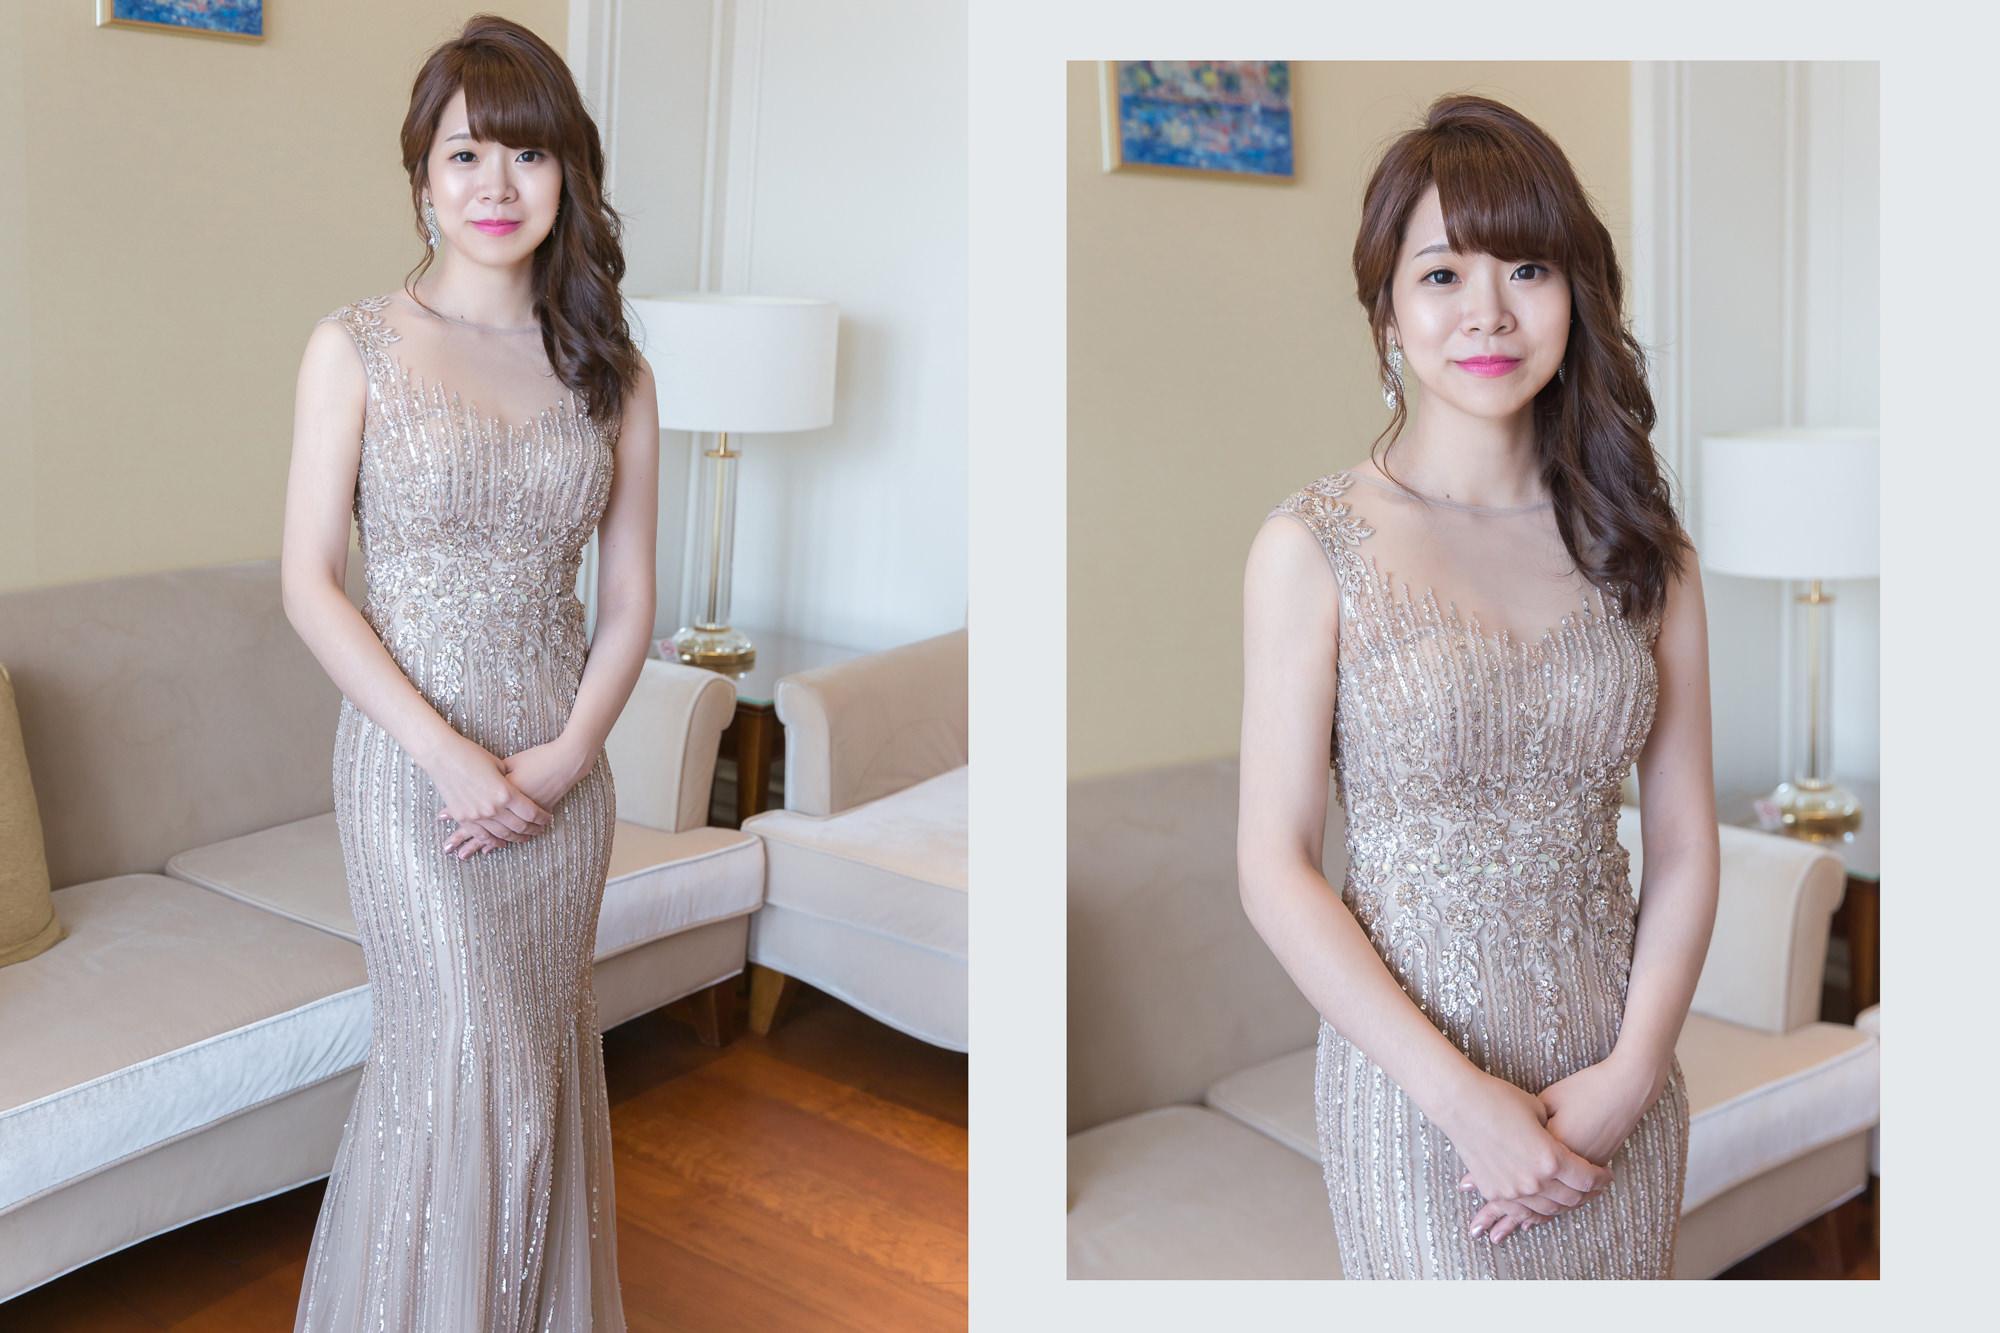 新娘秘書,新秘,新娘造型,台北新秘,側邊髮造型,新娘髮型,C型瀏海,新娘妝容,wedding hairstyle